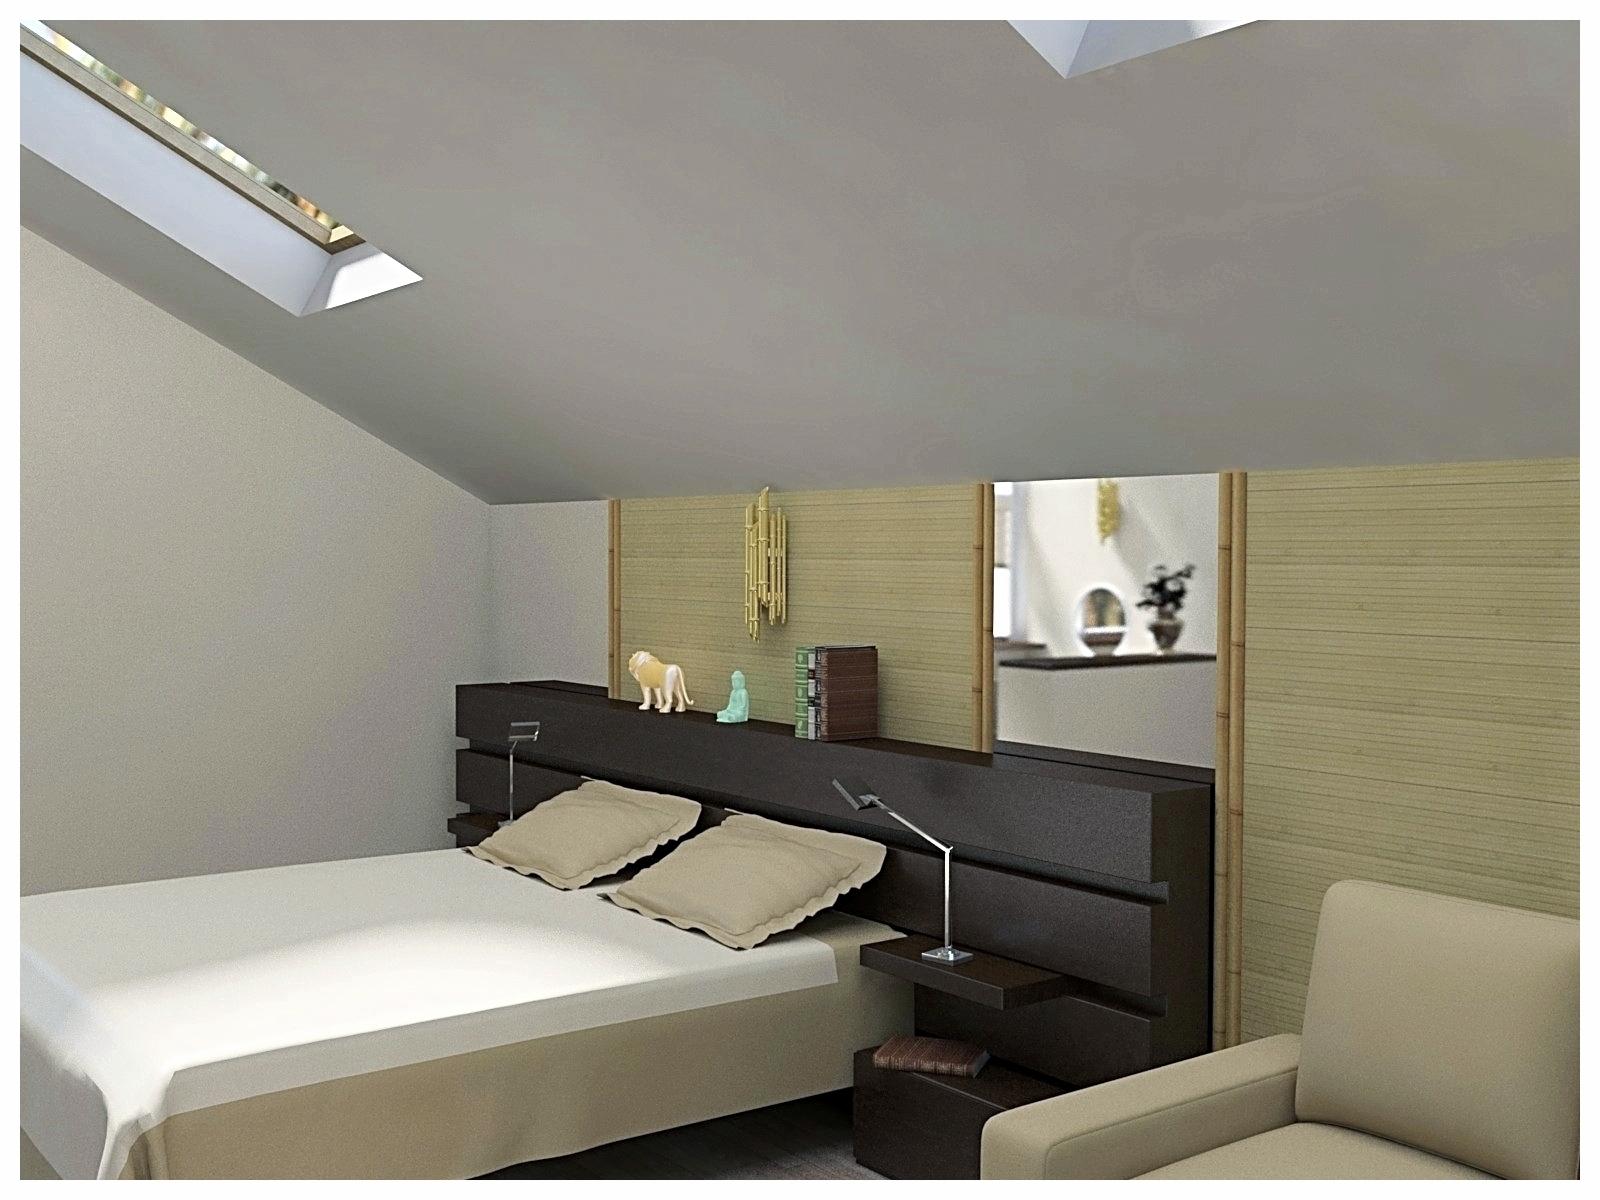 Дизайн интерьеров дома. Спальня 1.